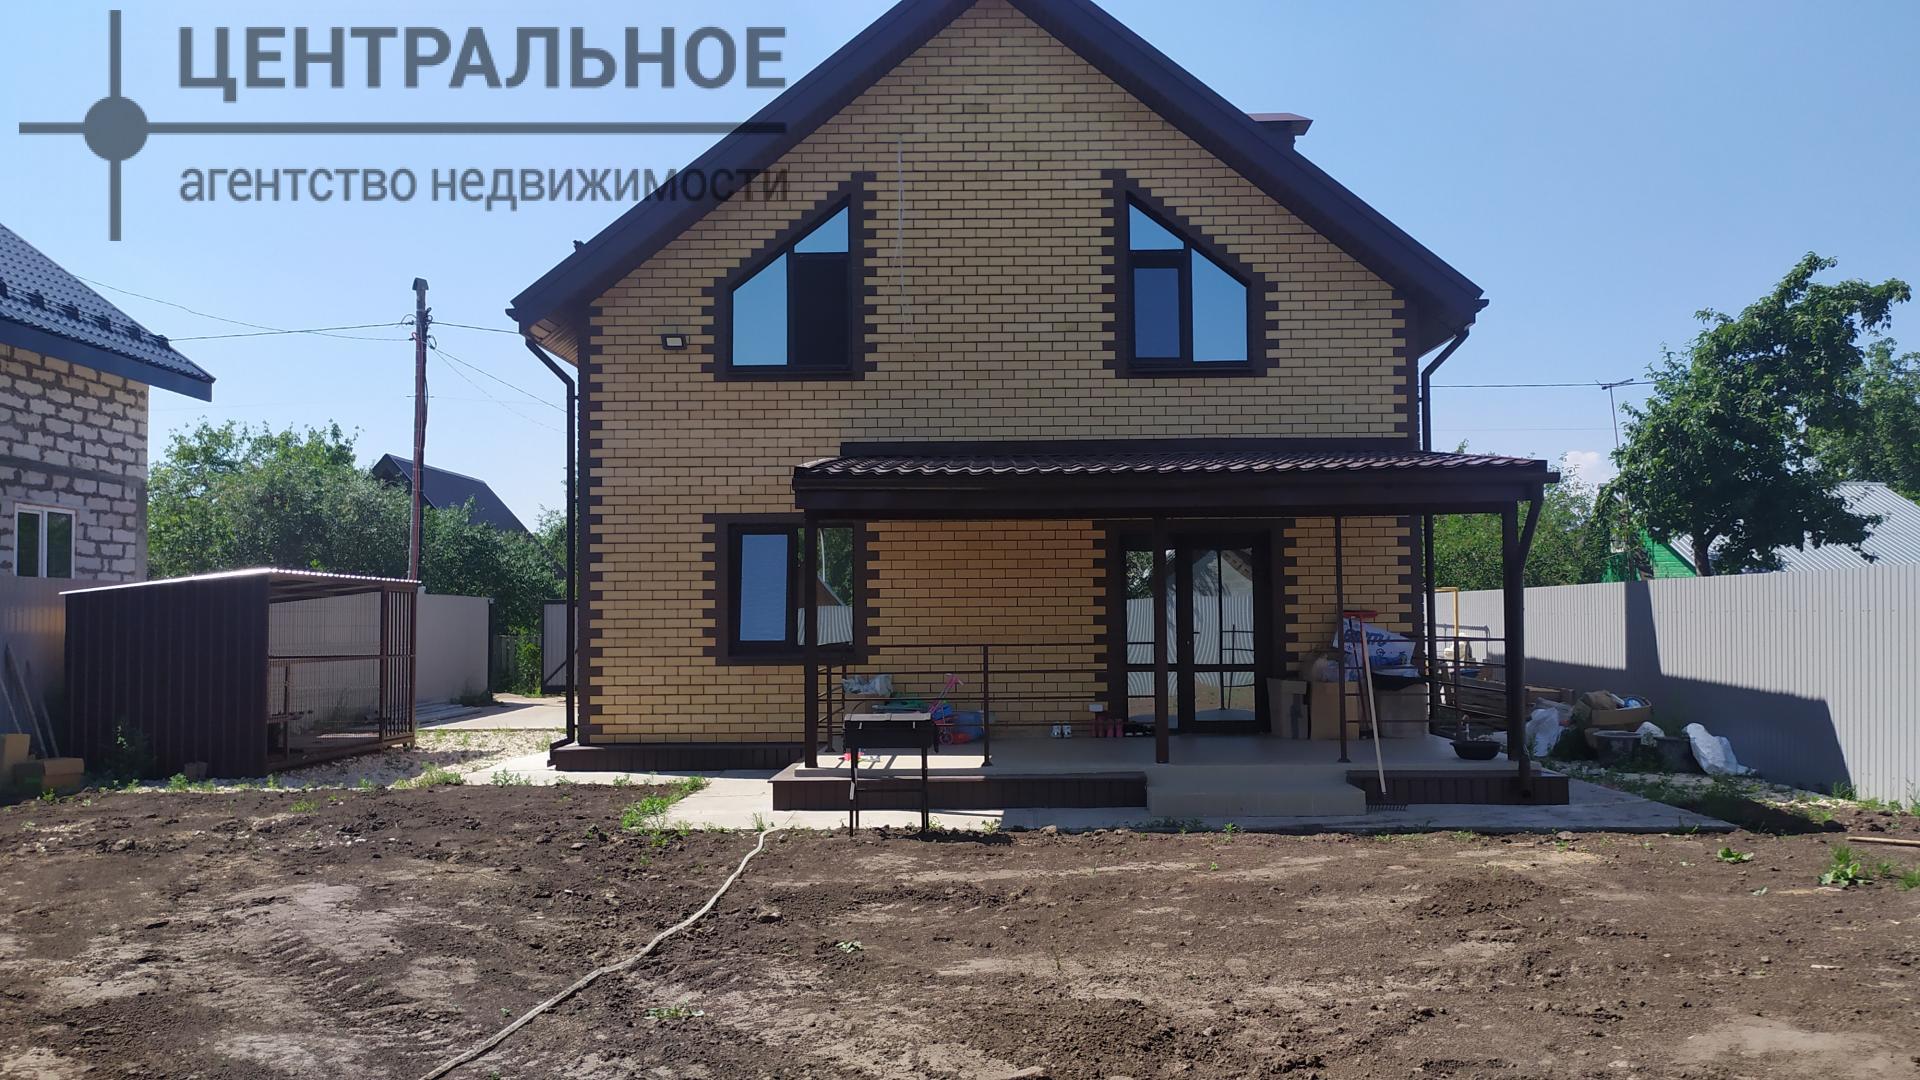 Продается дом 120 кв.м., участок 5.1 сот.